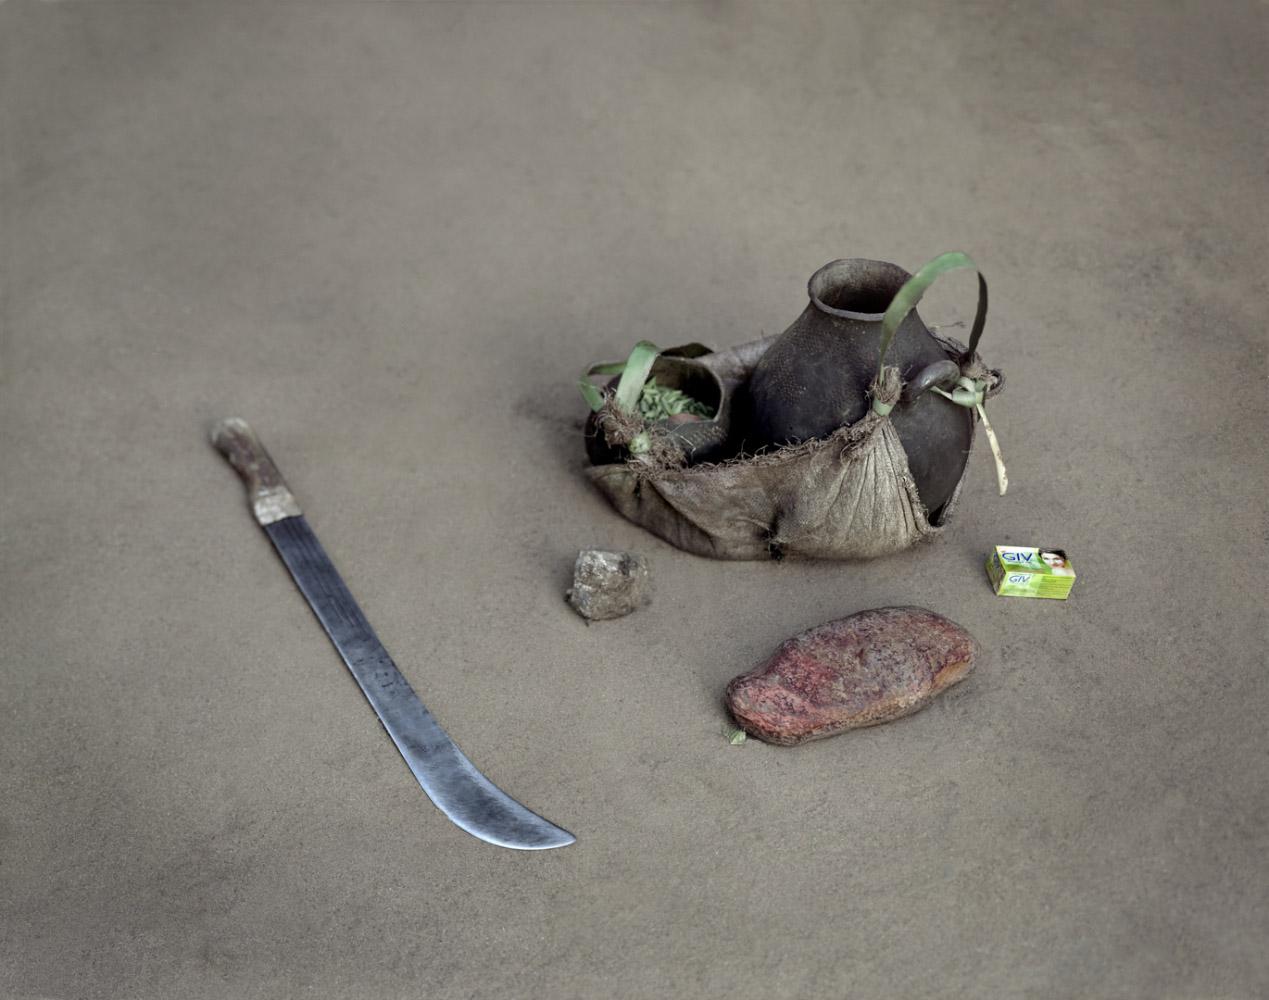 Ethiopia, Turmi, 2005 Camp Kaina